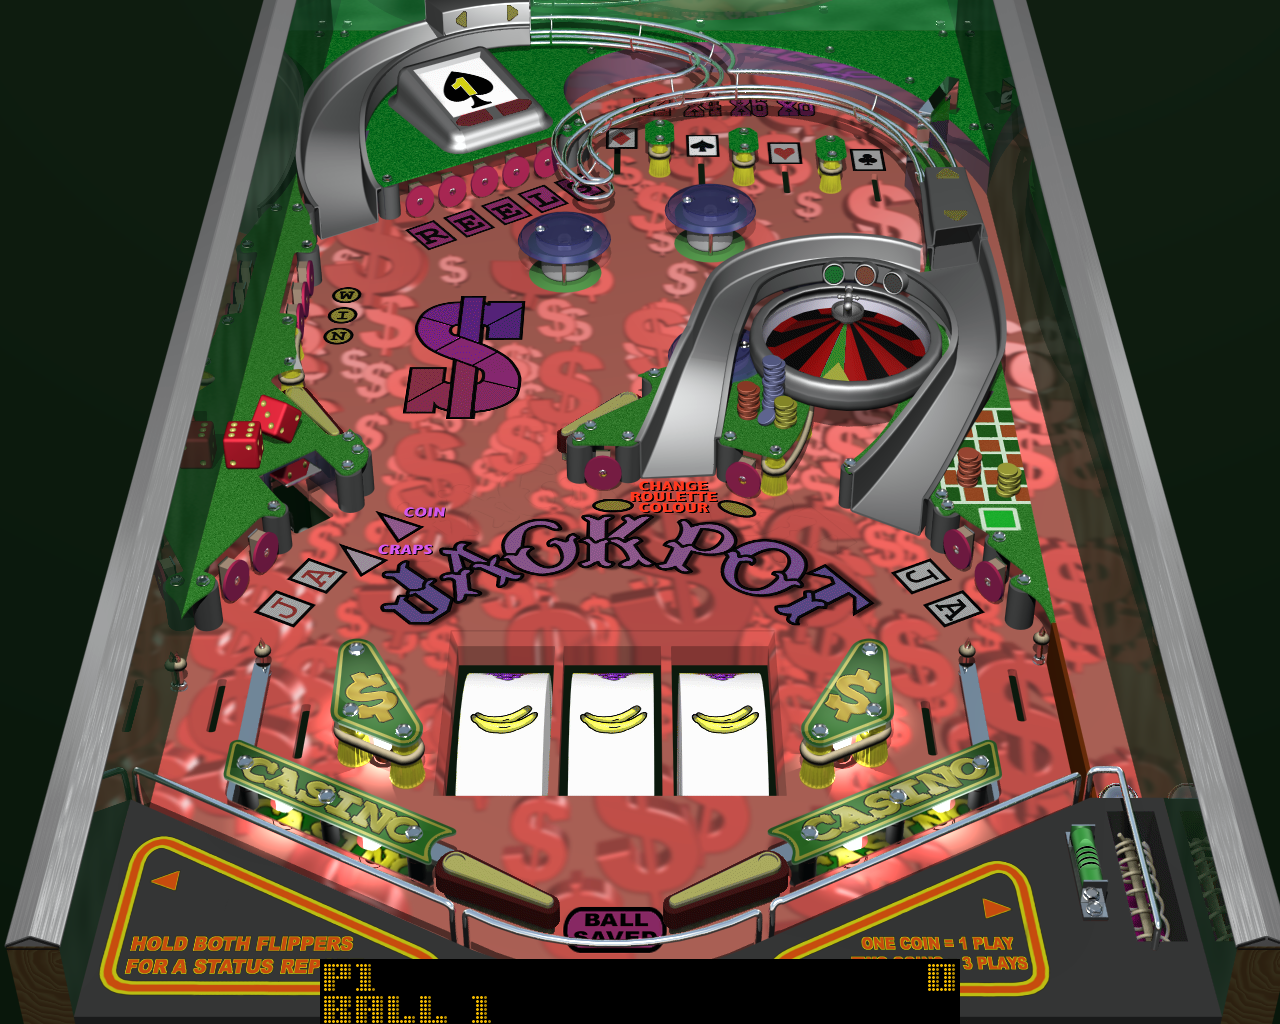 игровые автоматы золото партии играть